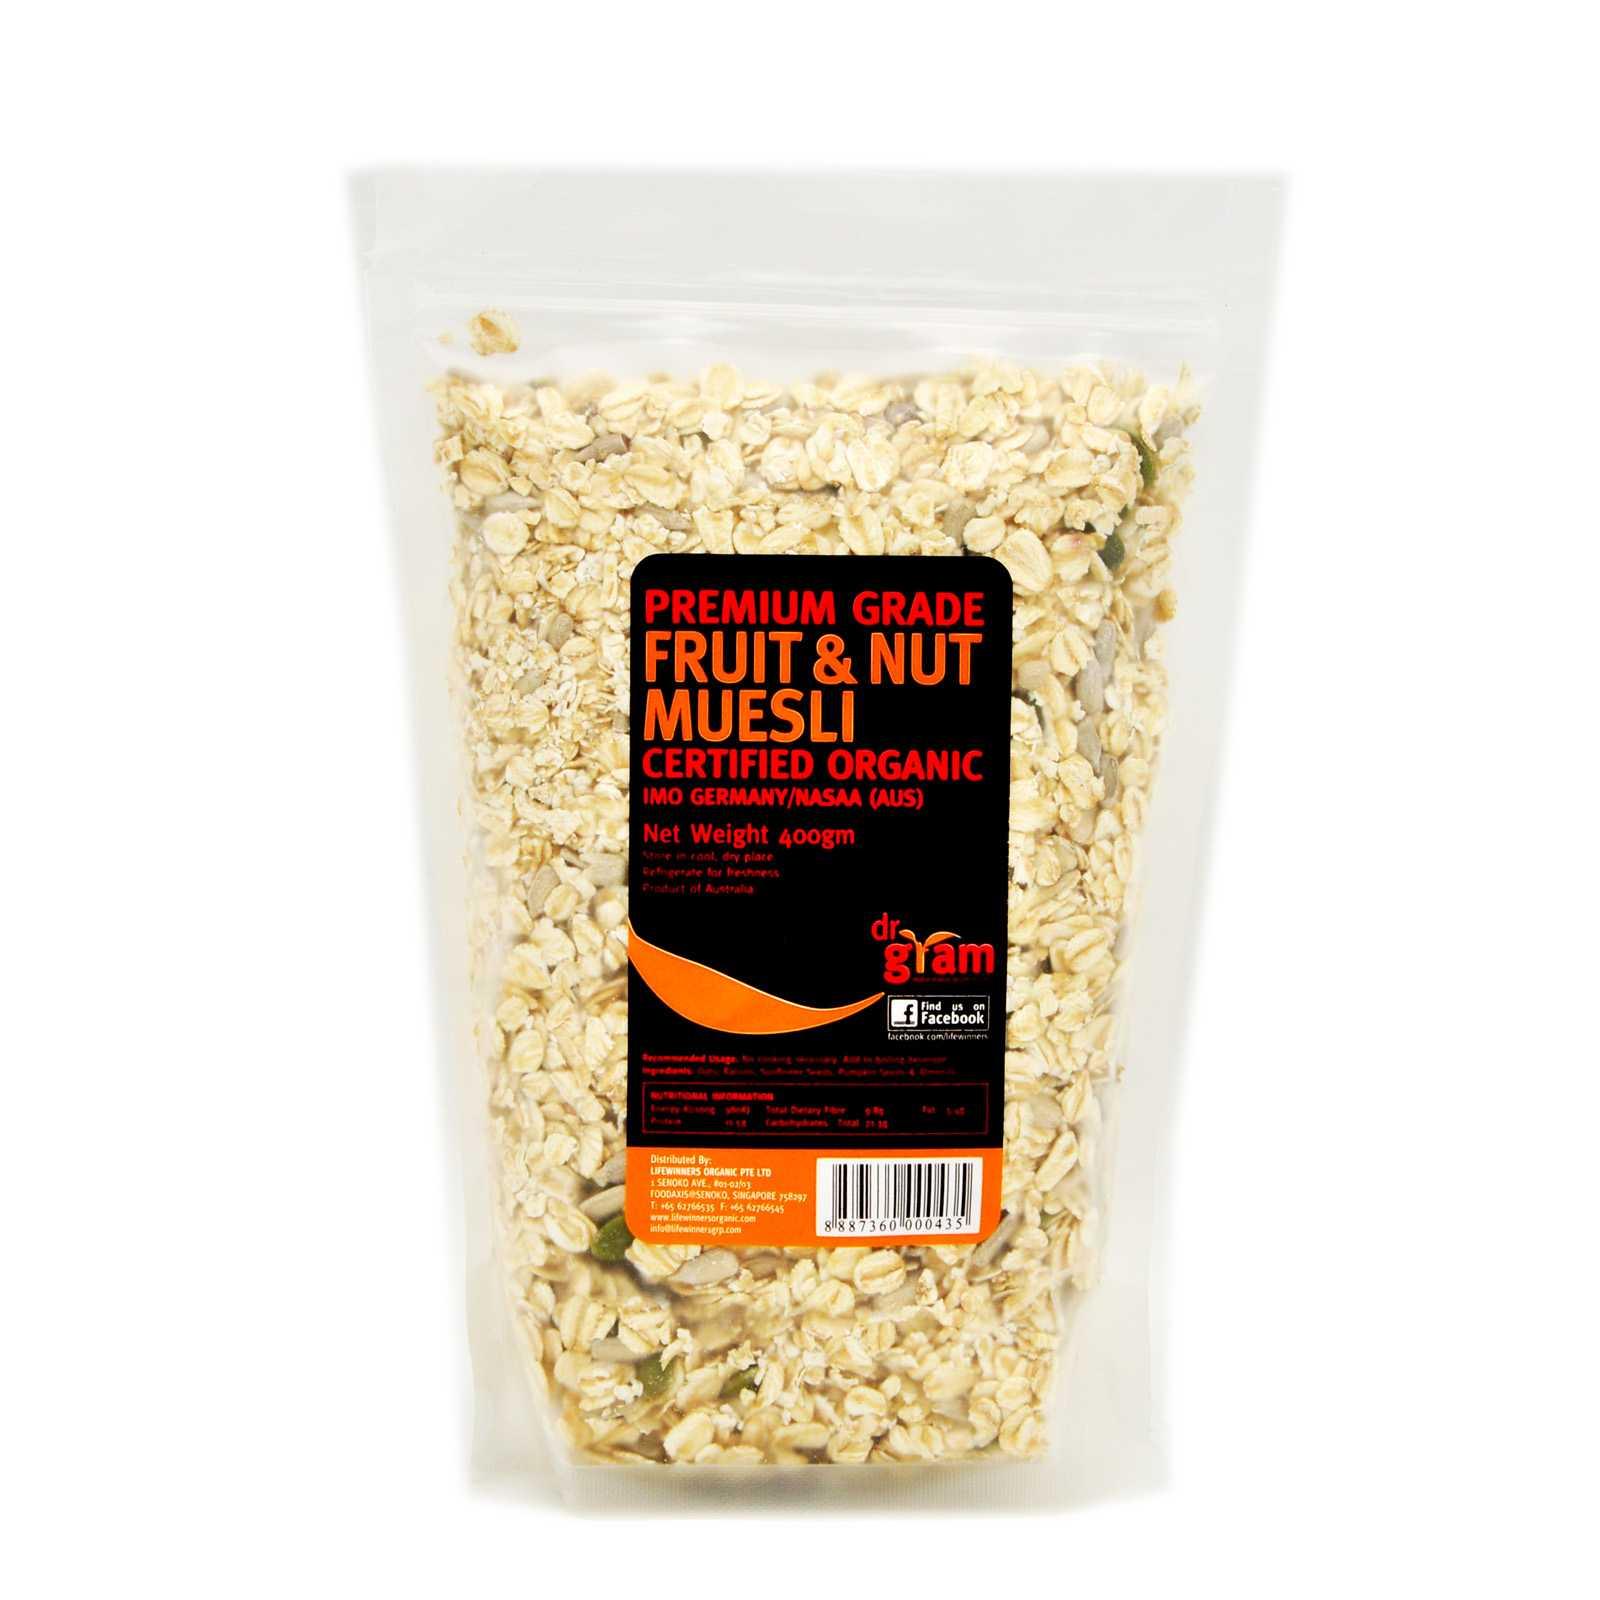 Premium Grade Fruit & Nut Muesli 400 gm